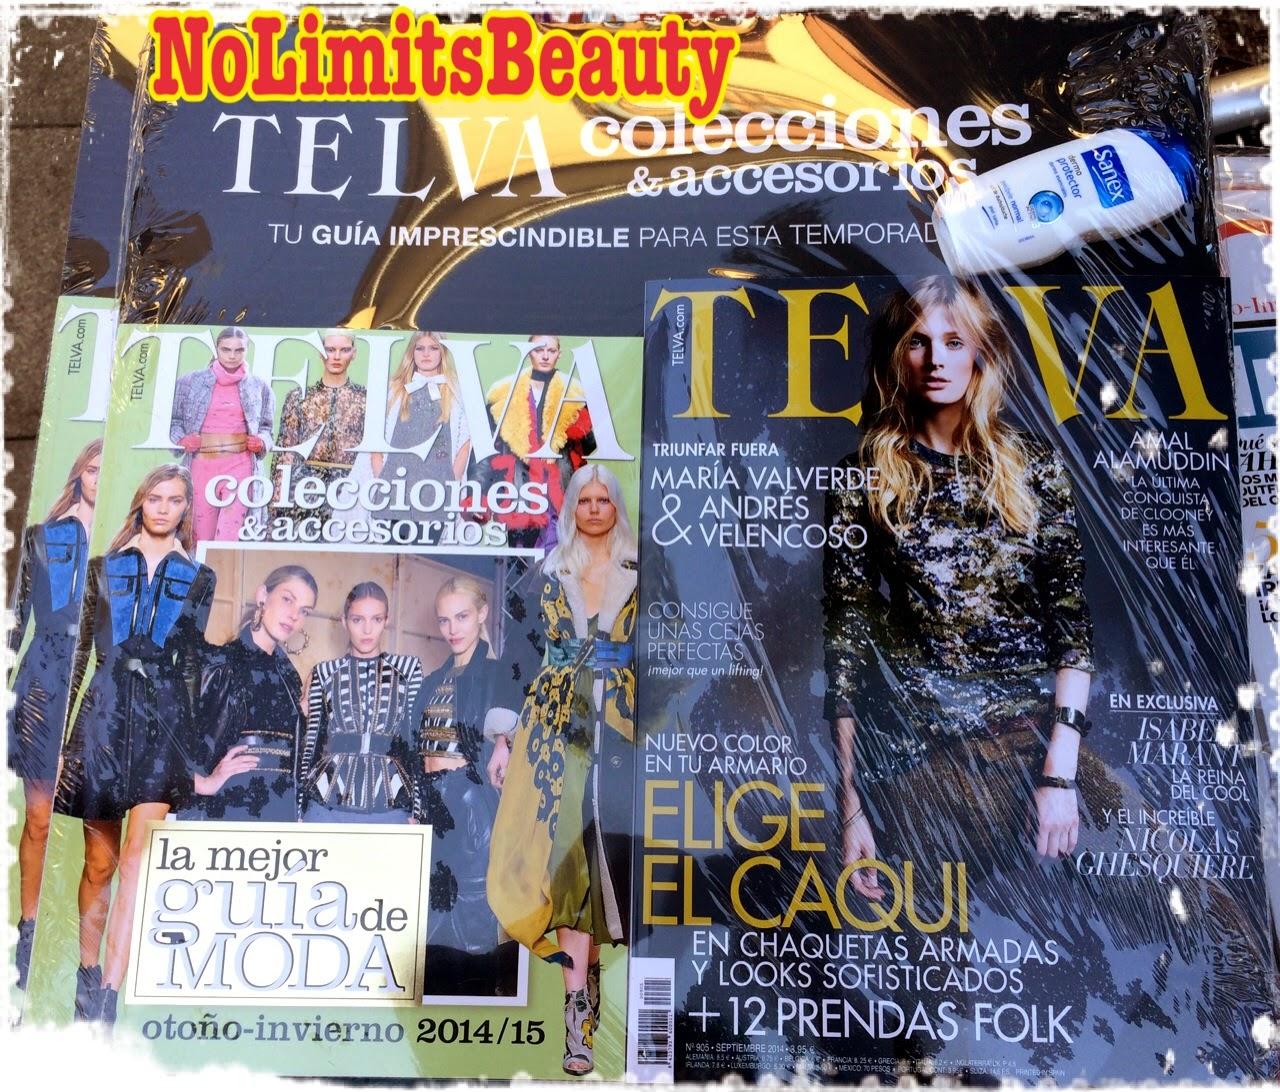 Regalos revistas septiembre 2014: Telva